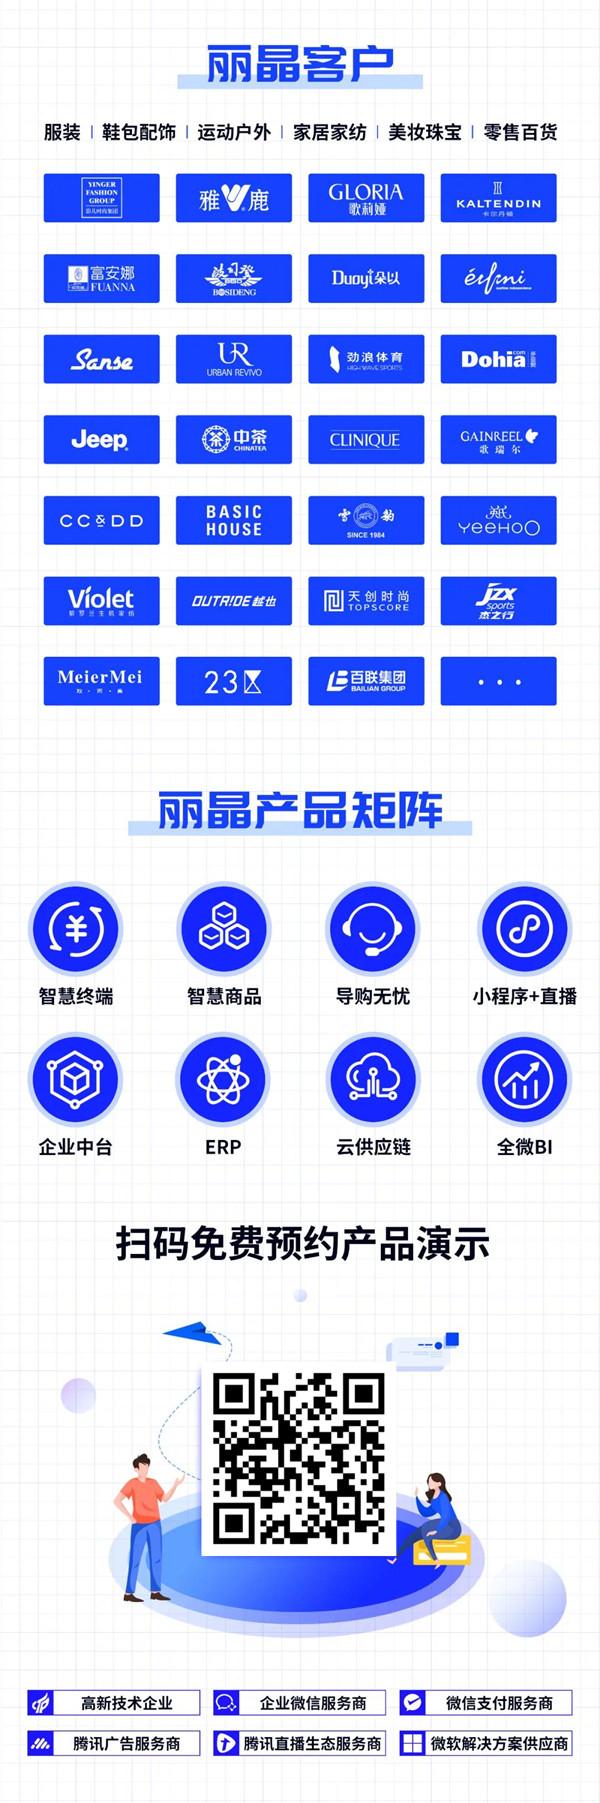 丽晶软件介绍.jpg